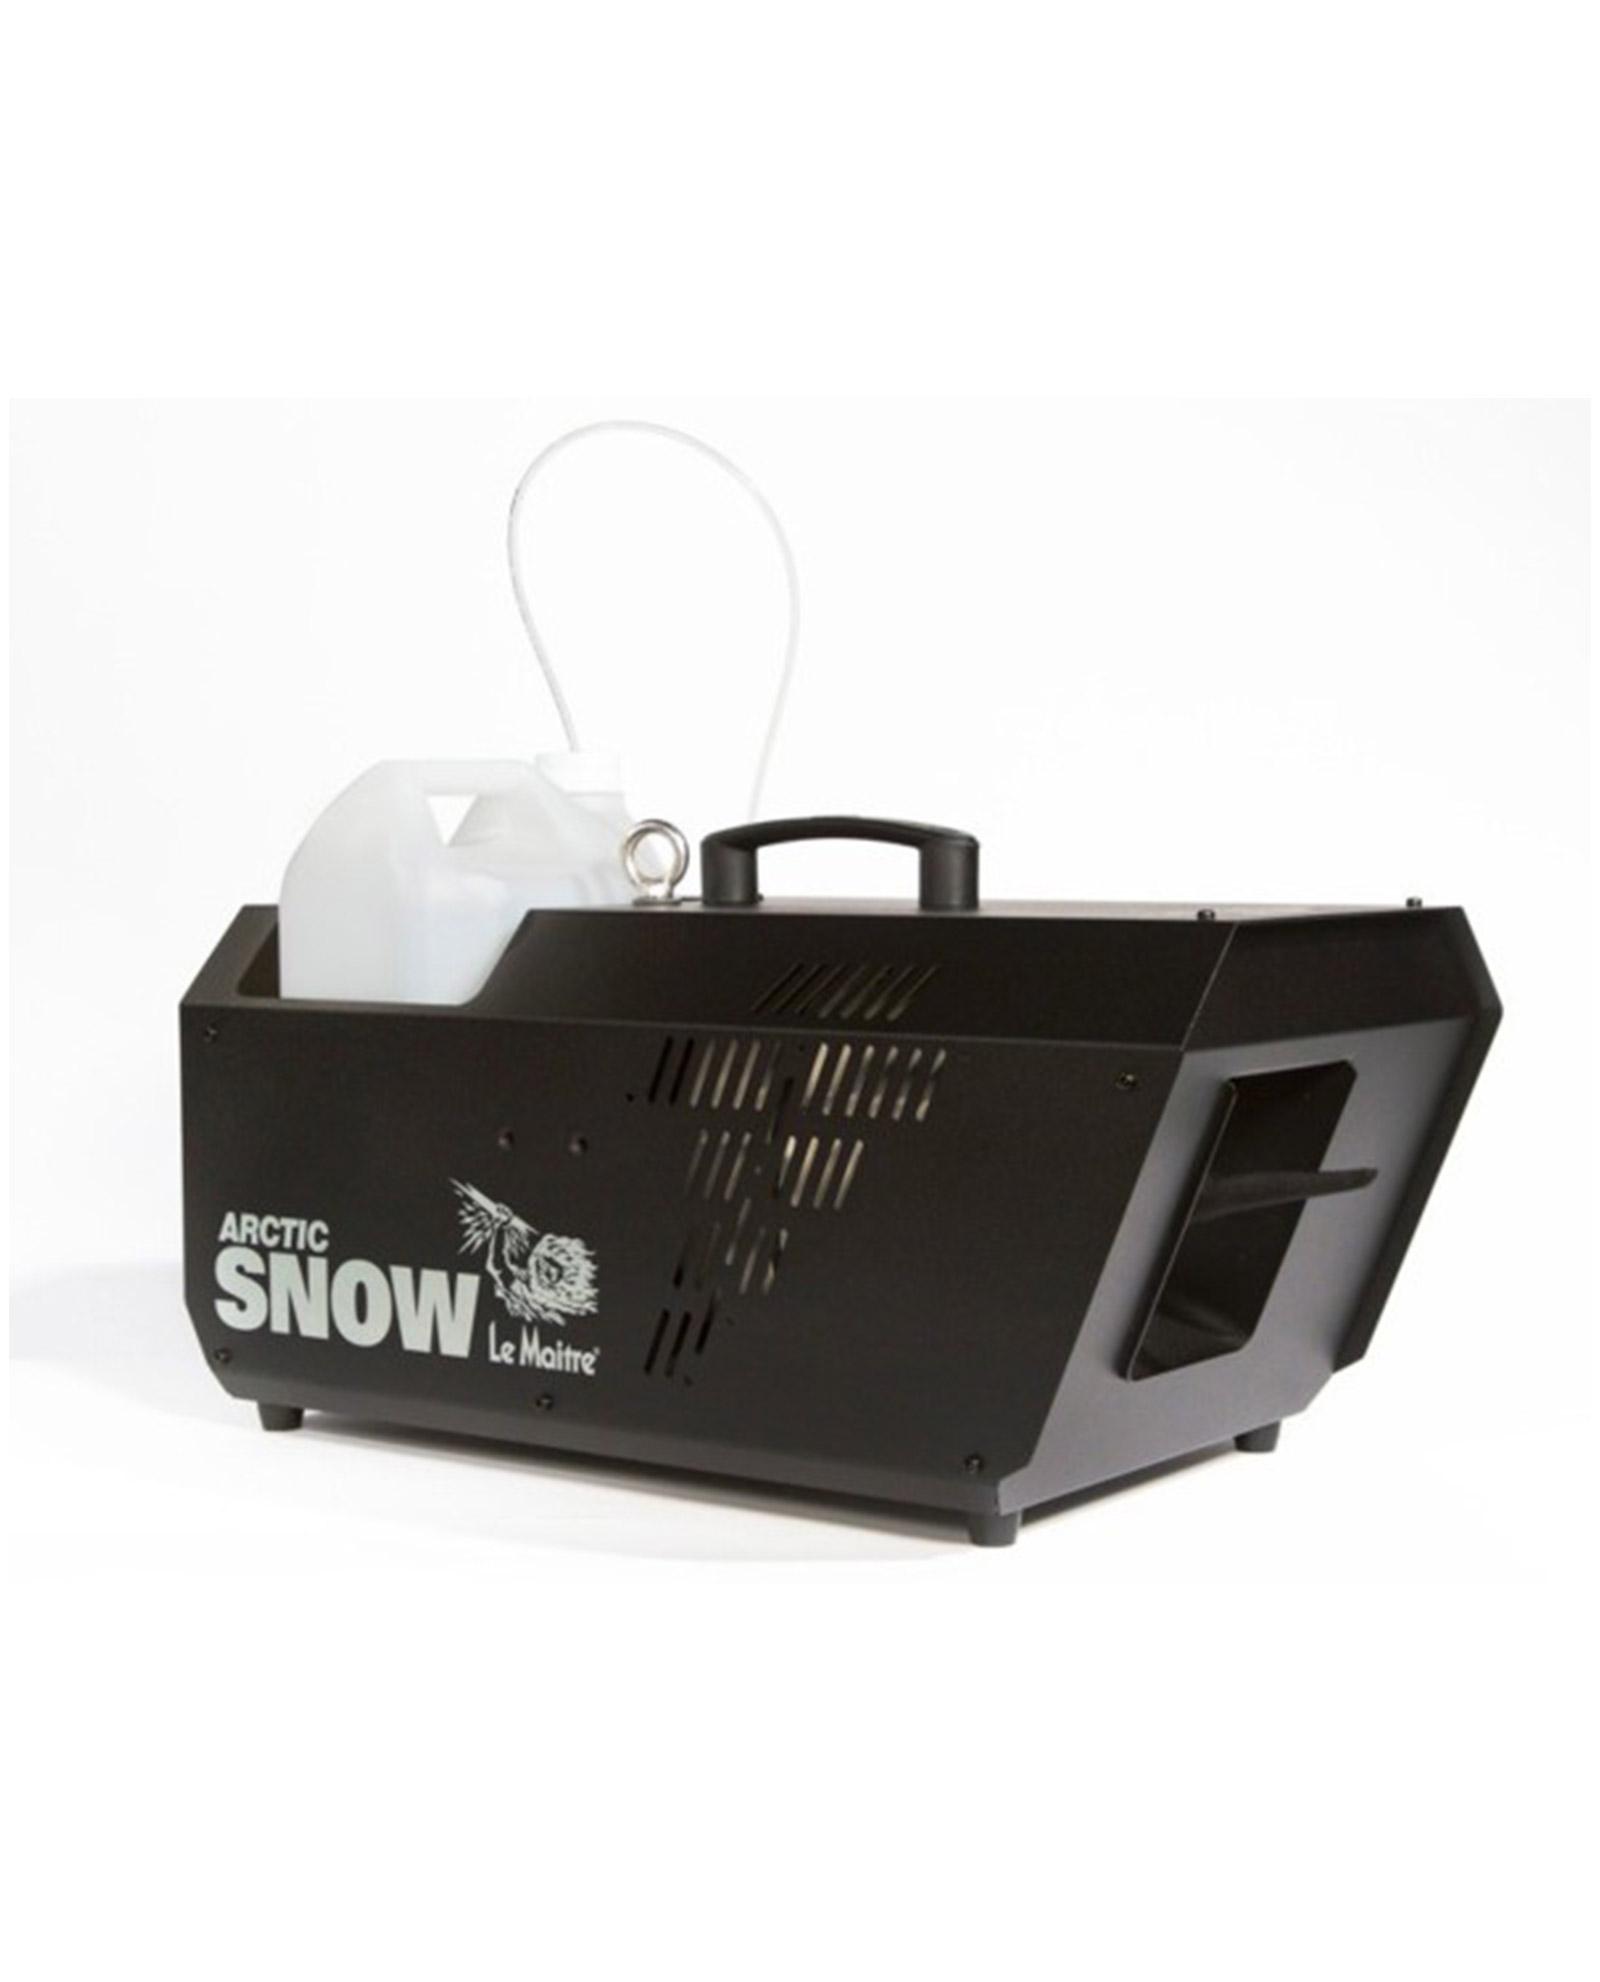 Le Maitre Arctic Snow Machine